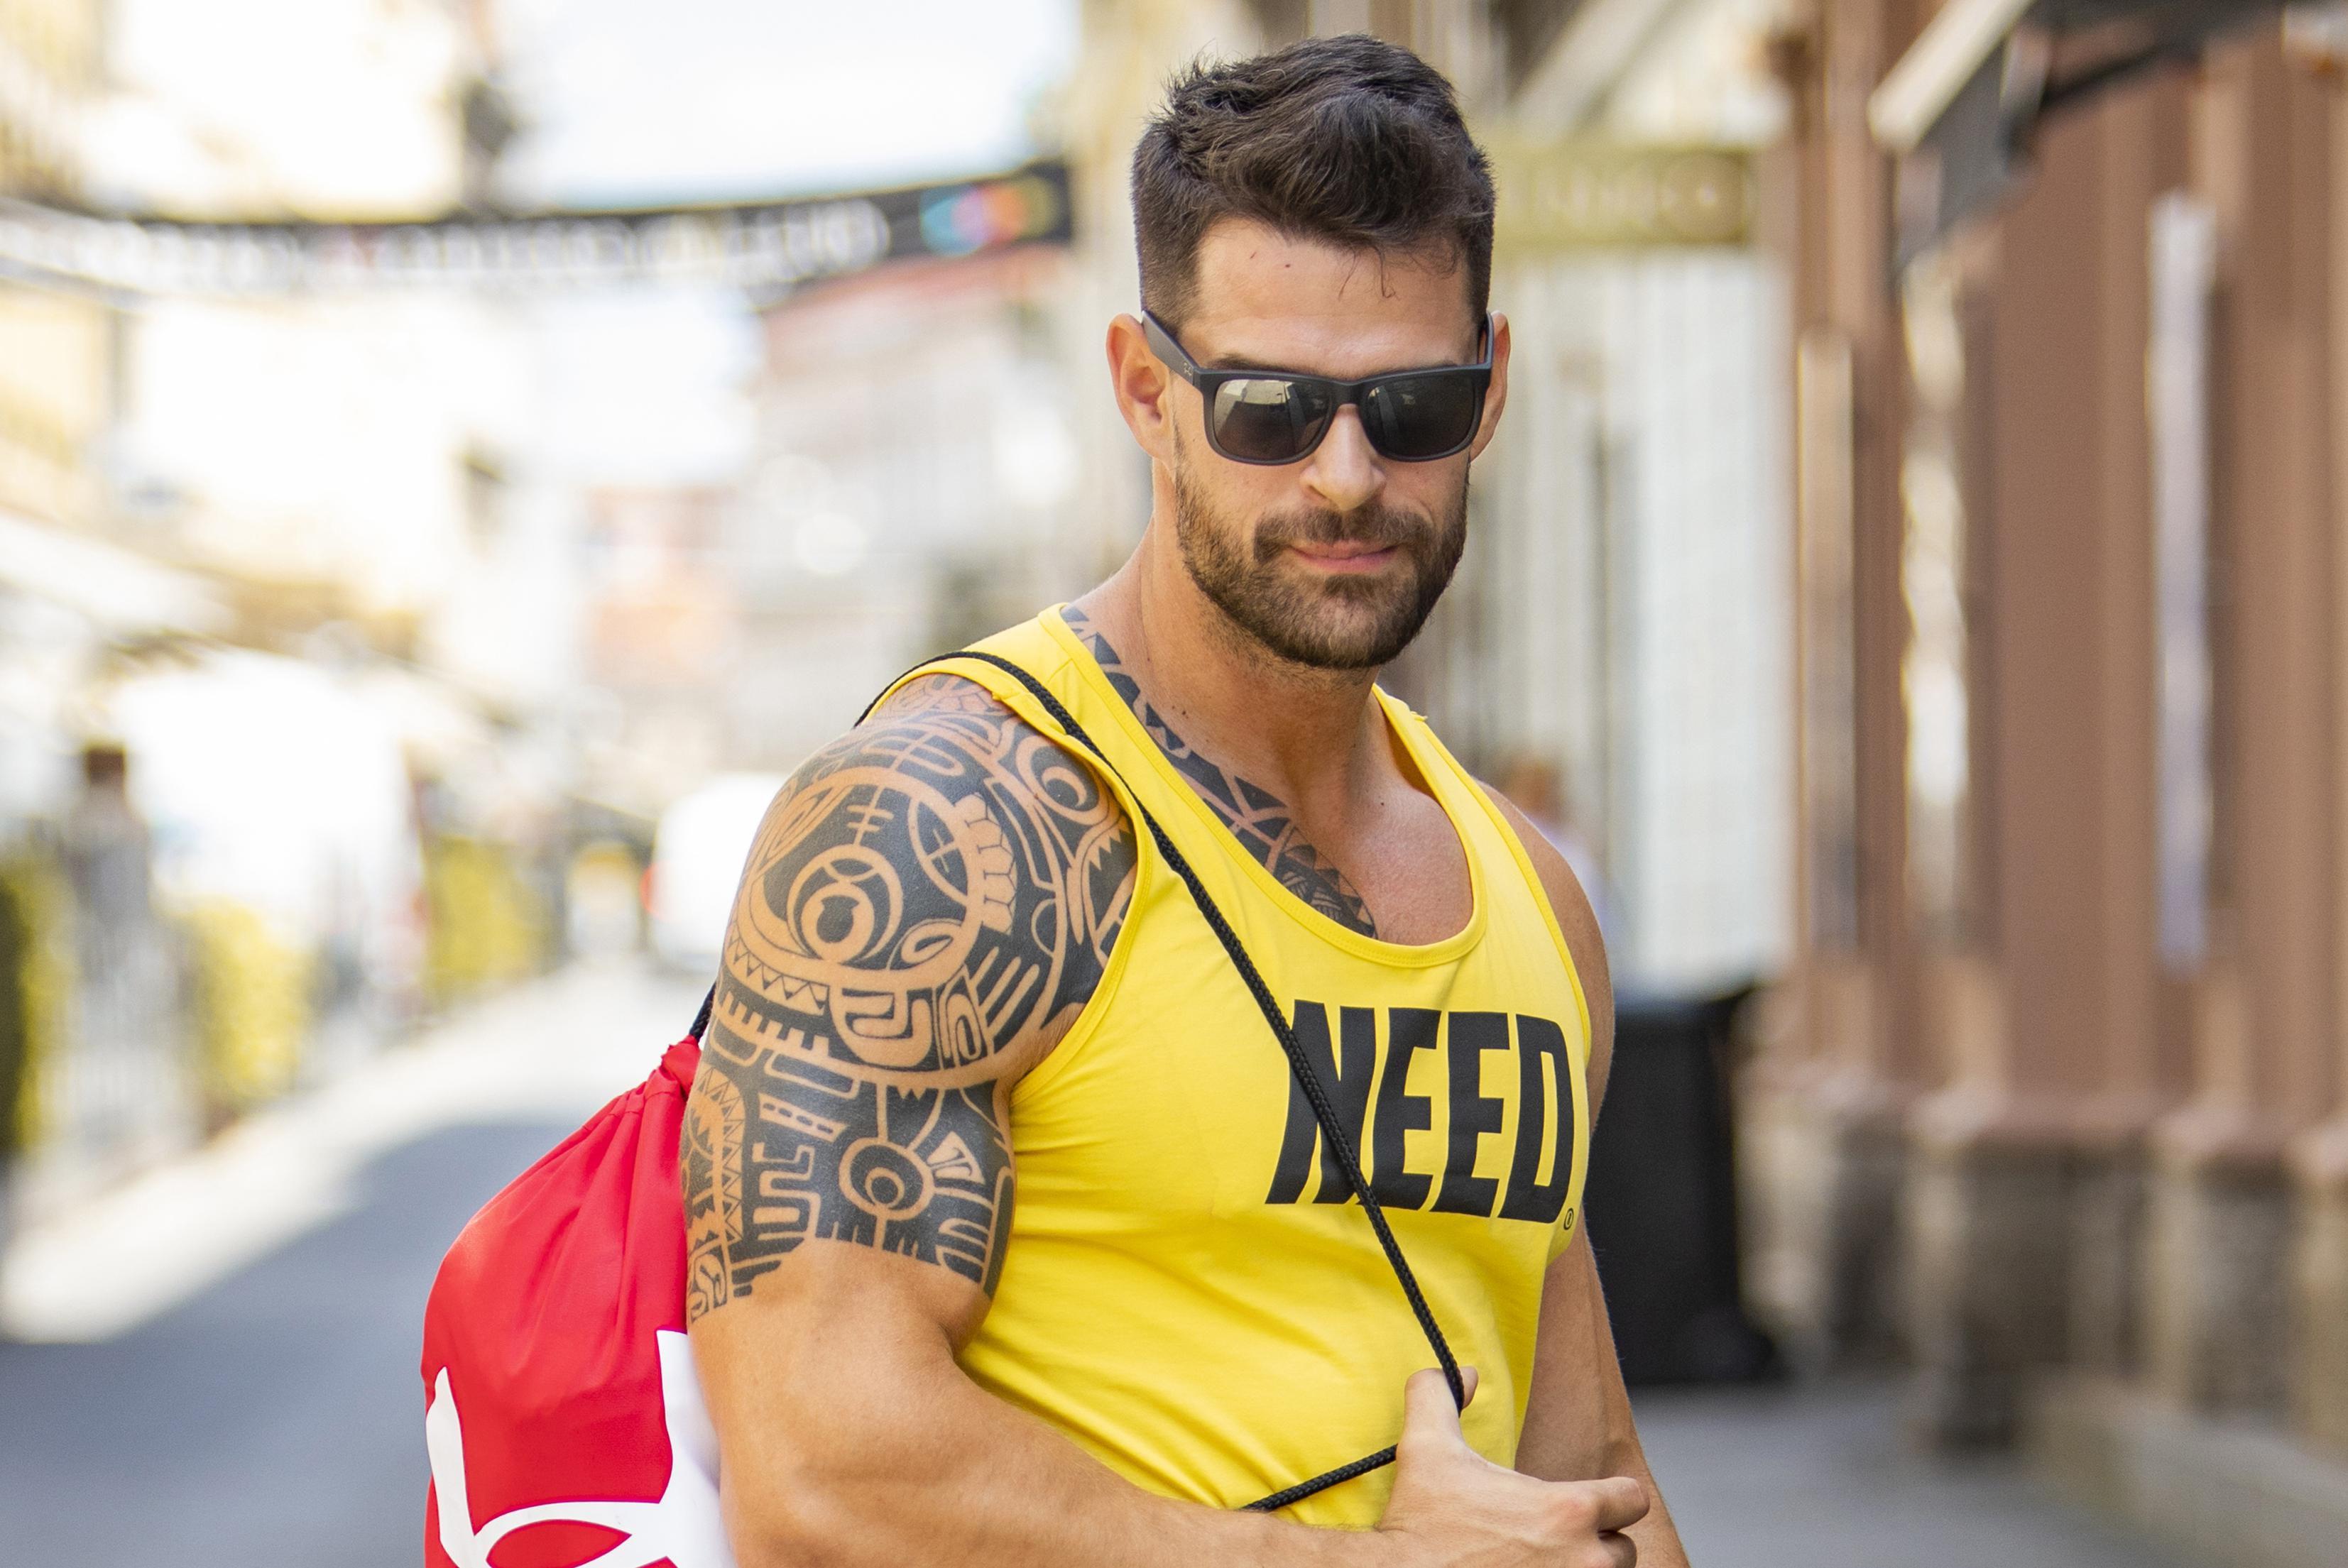 Frajer sa špice u sportskom izdanju: 'Danas je toliko vruće da nisam mogao sakriti mišiće'